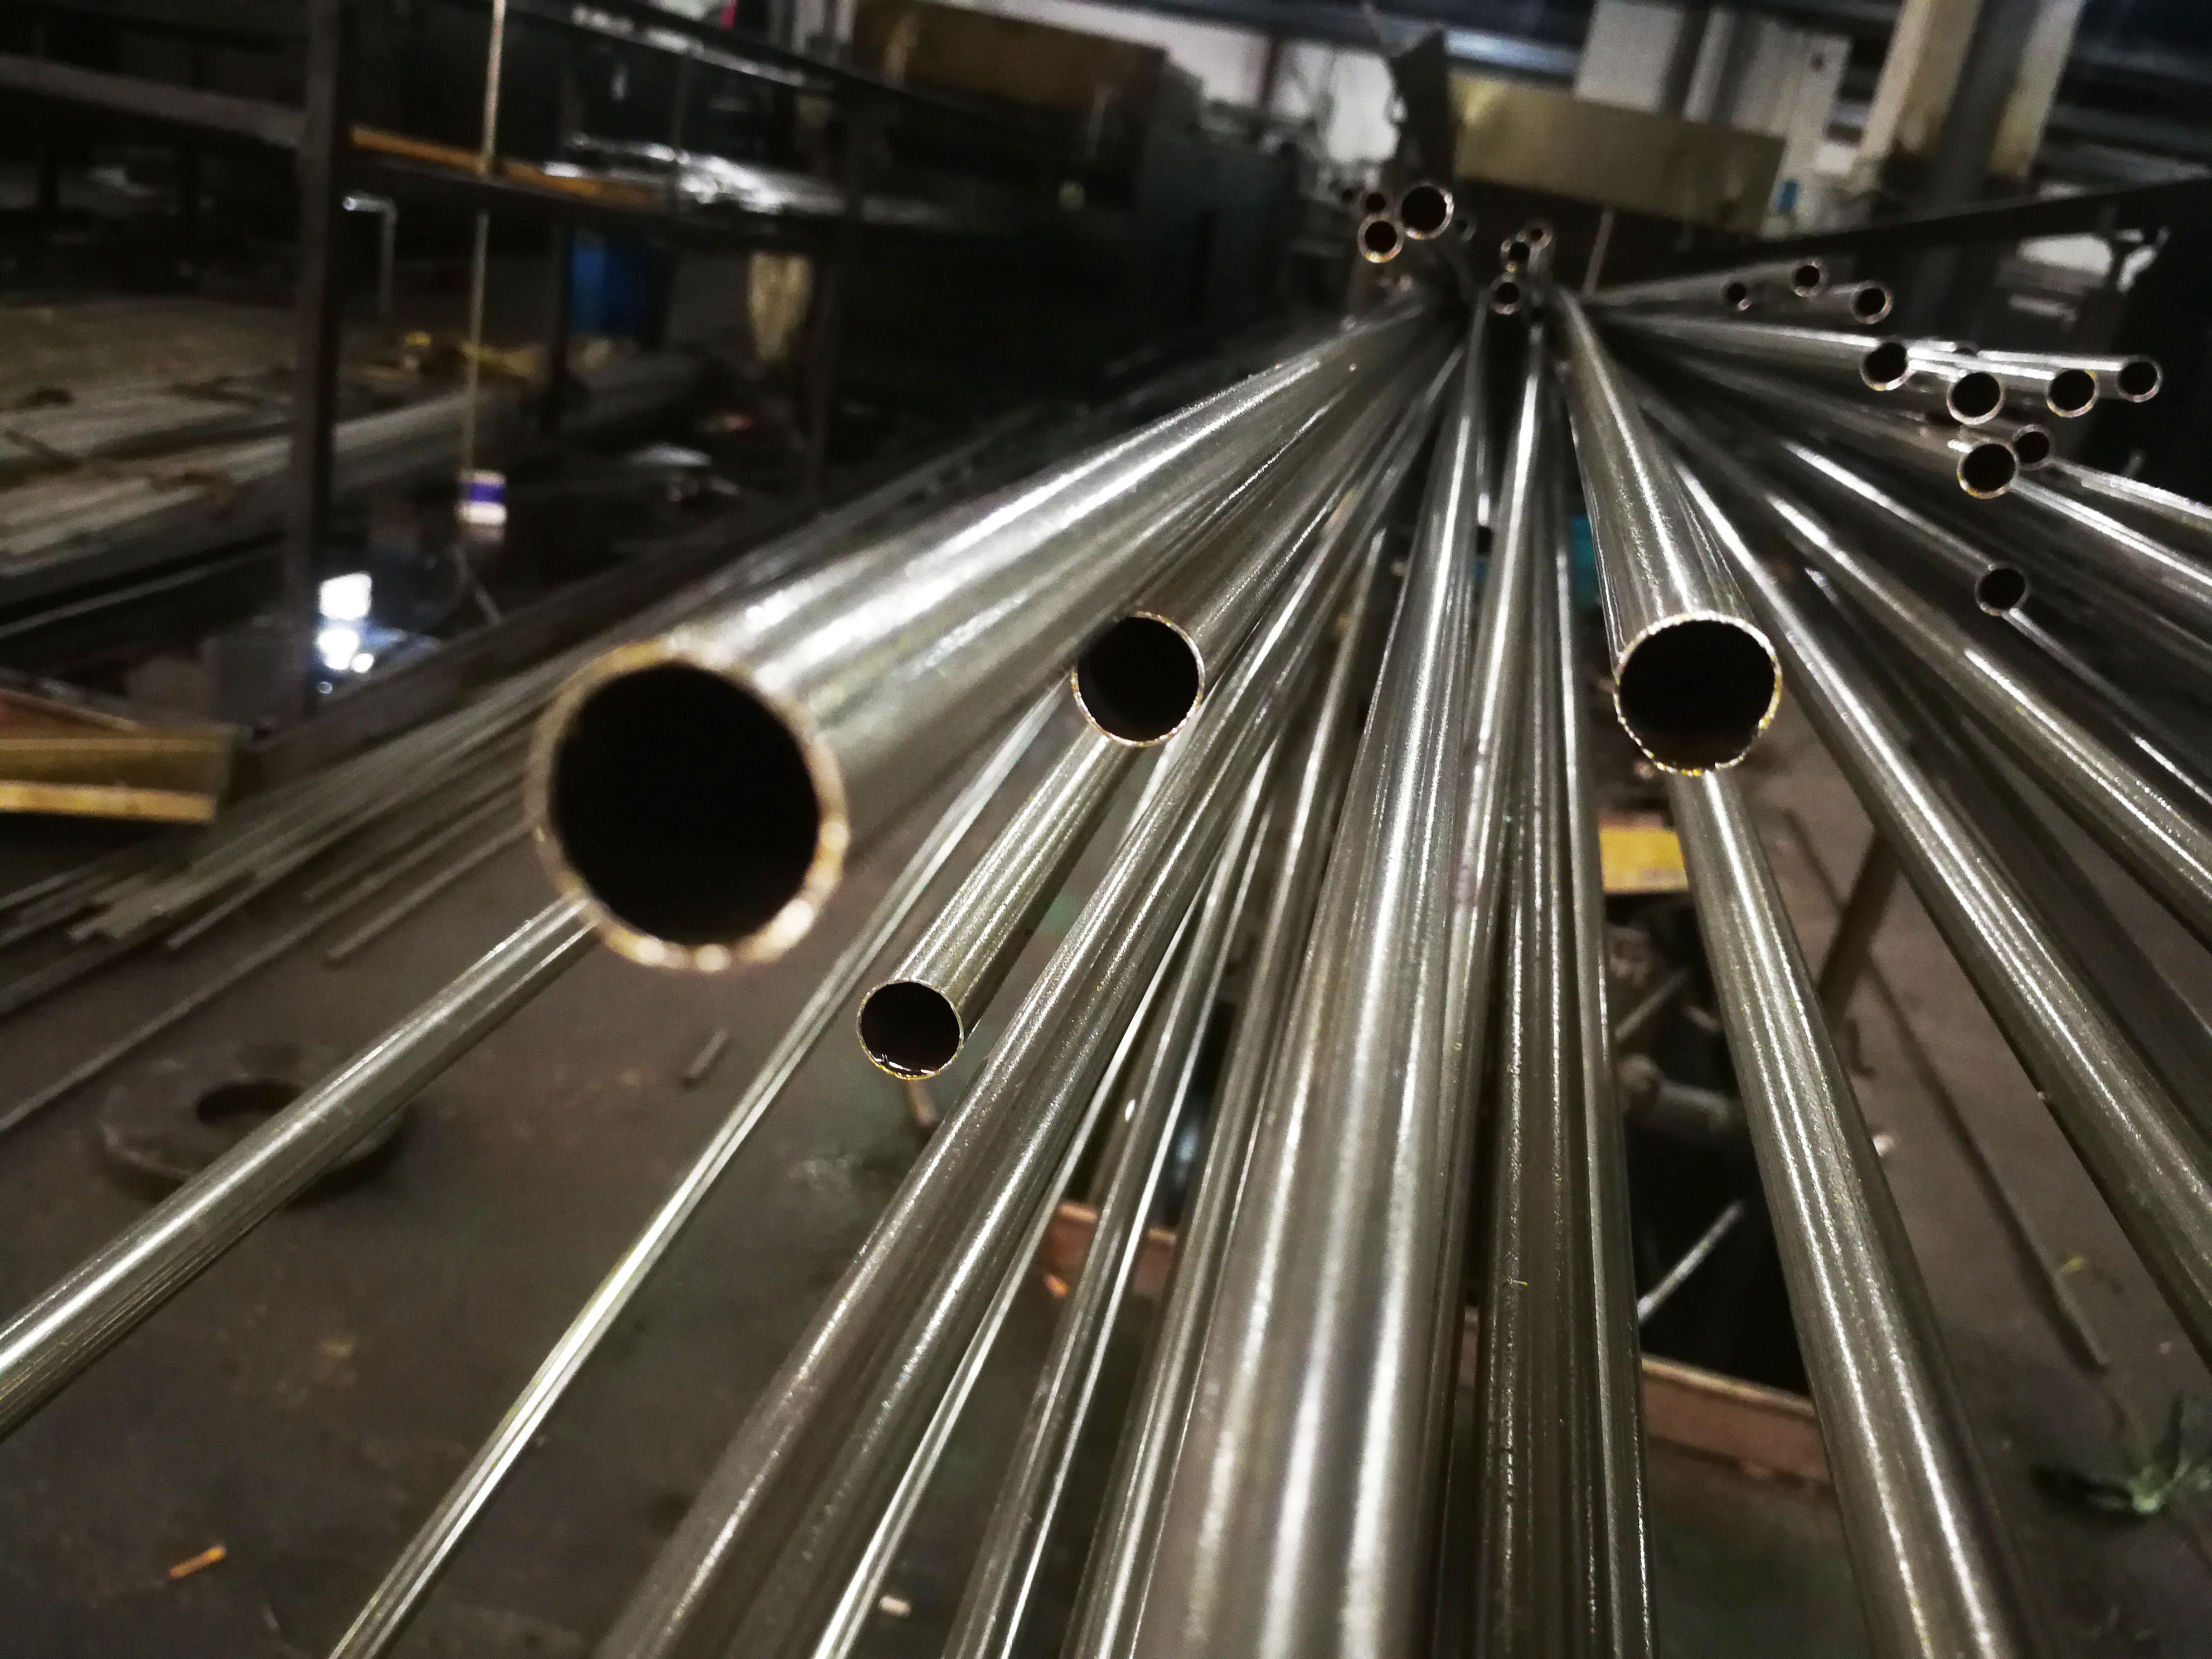 8*0.5精密不锈钢管光亮退火后公差控制在±0.05mm范围(图1)